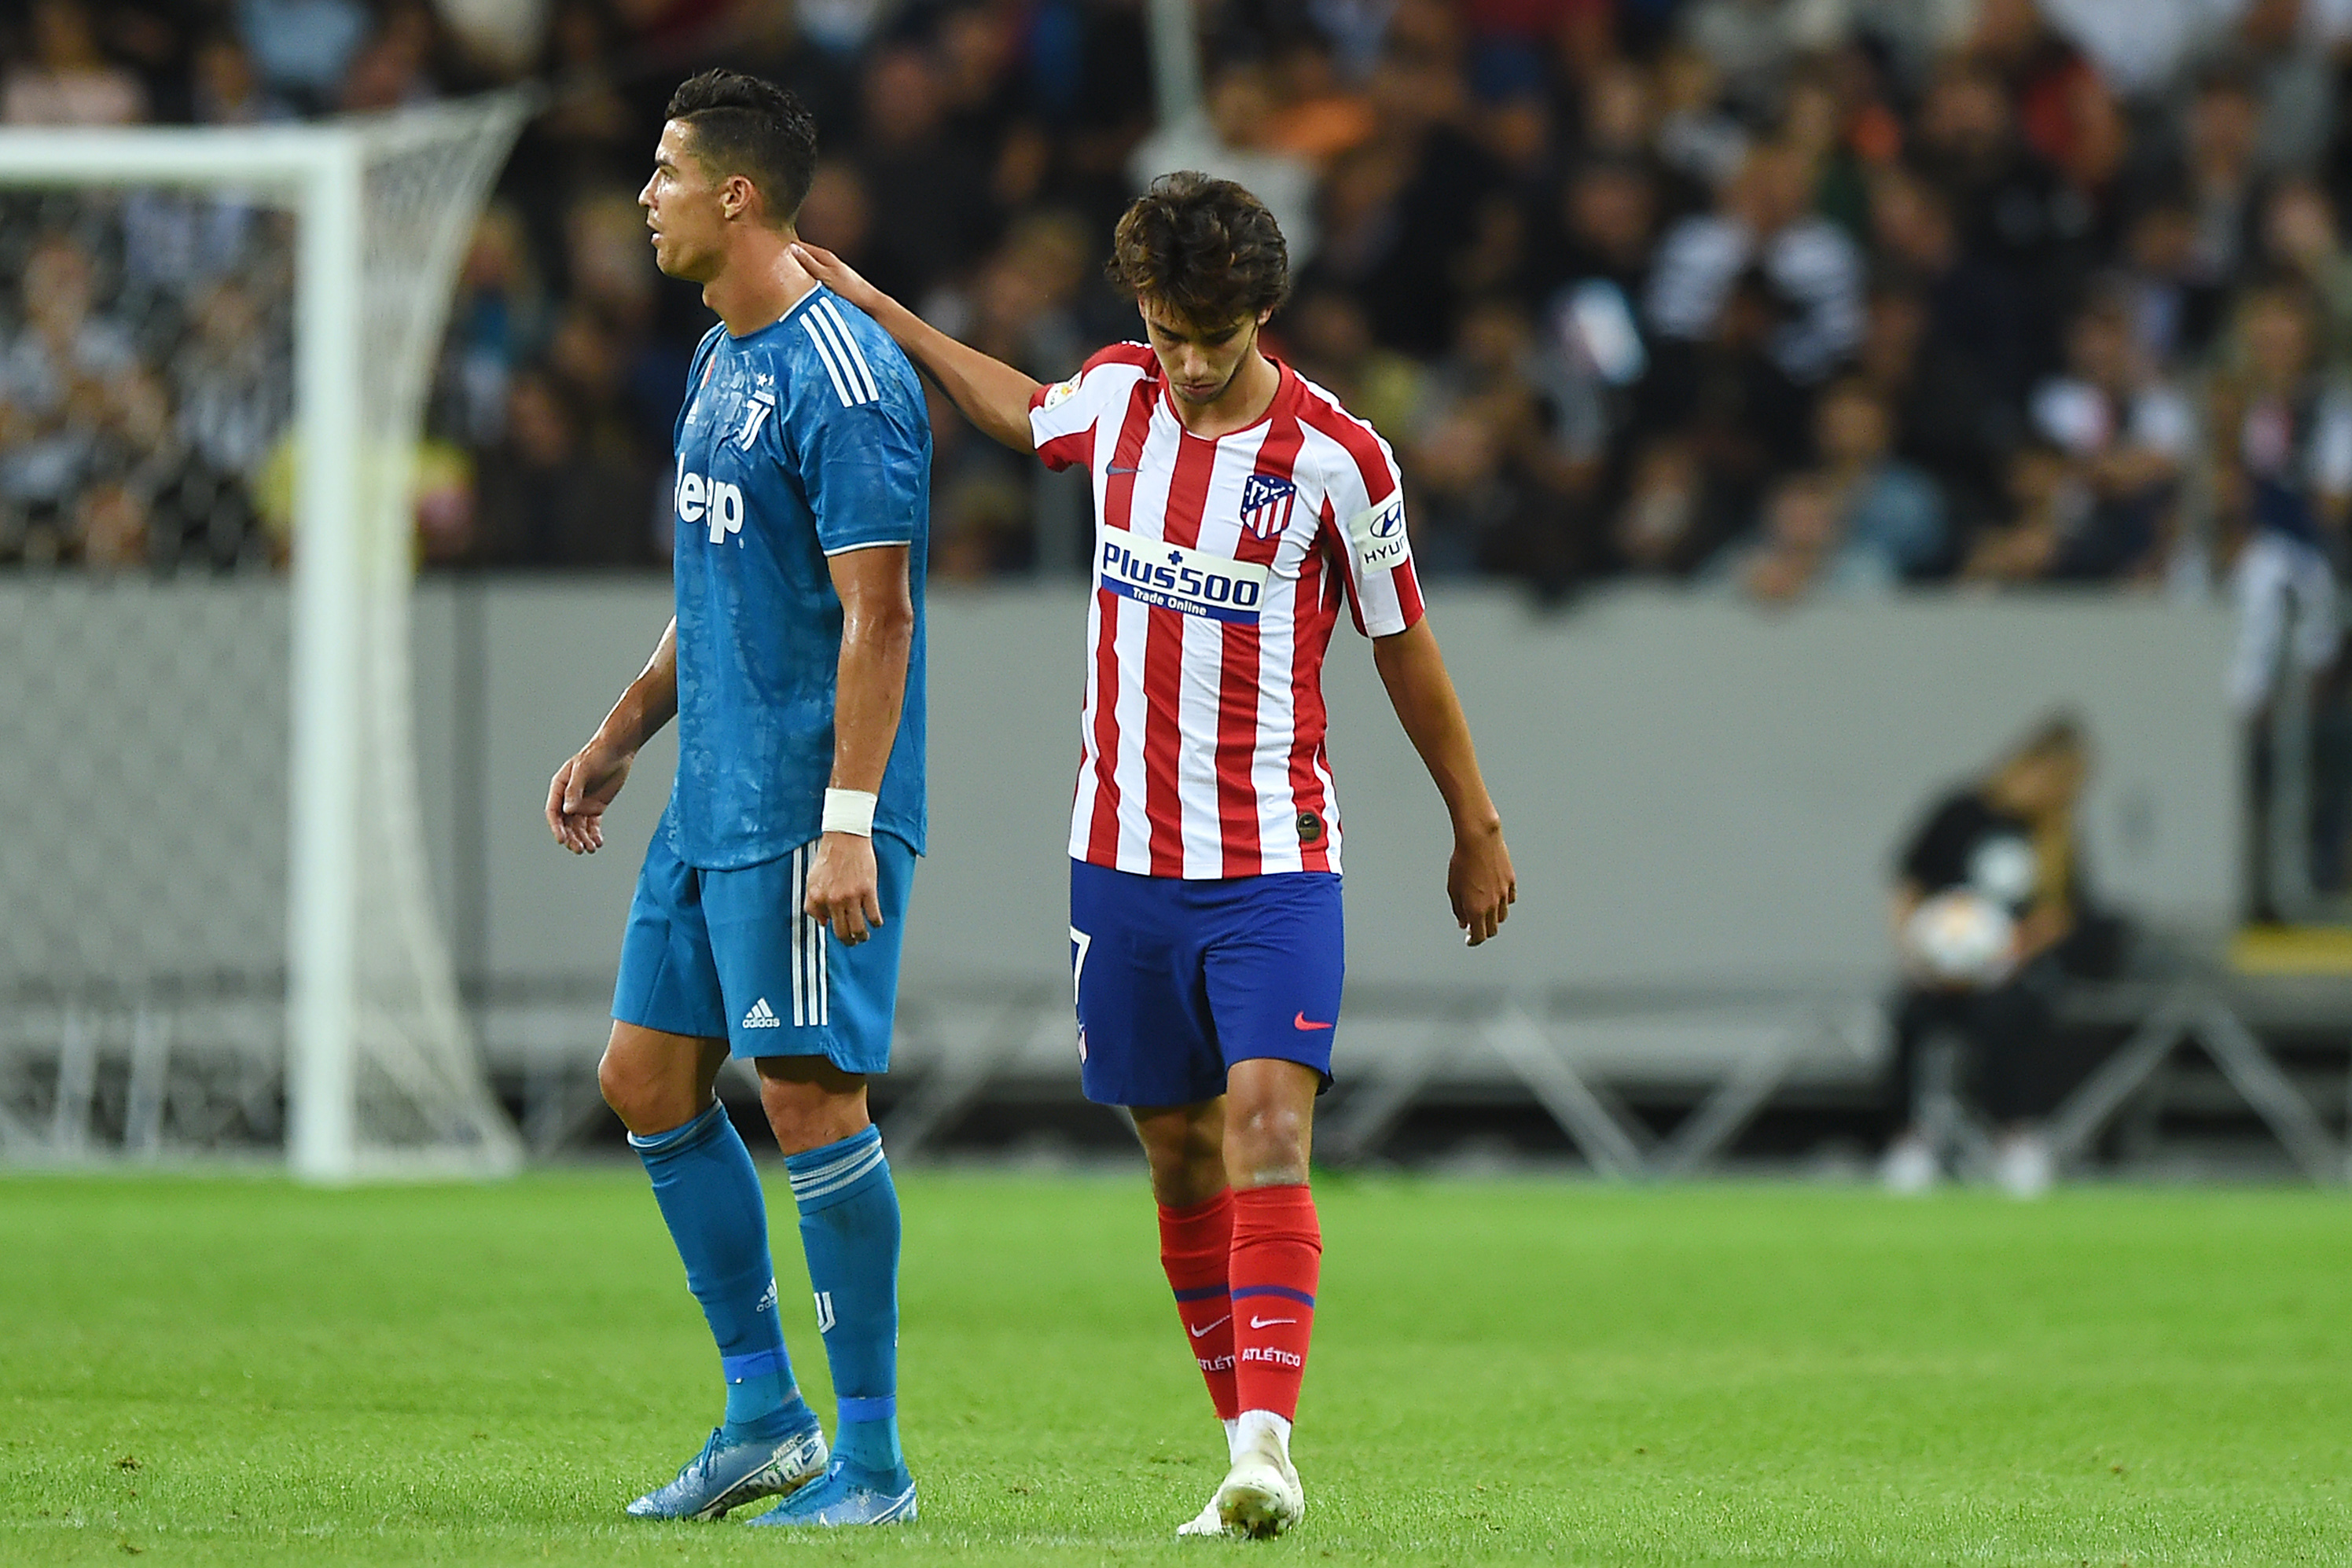 the latest ad6a5 303a9 Joao Felix, Atletico Madrid Beat Cristiano Ronaldo, Juventus ...